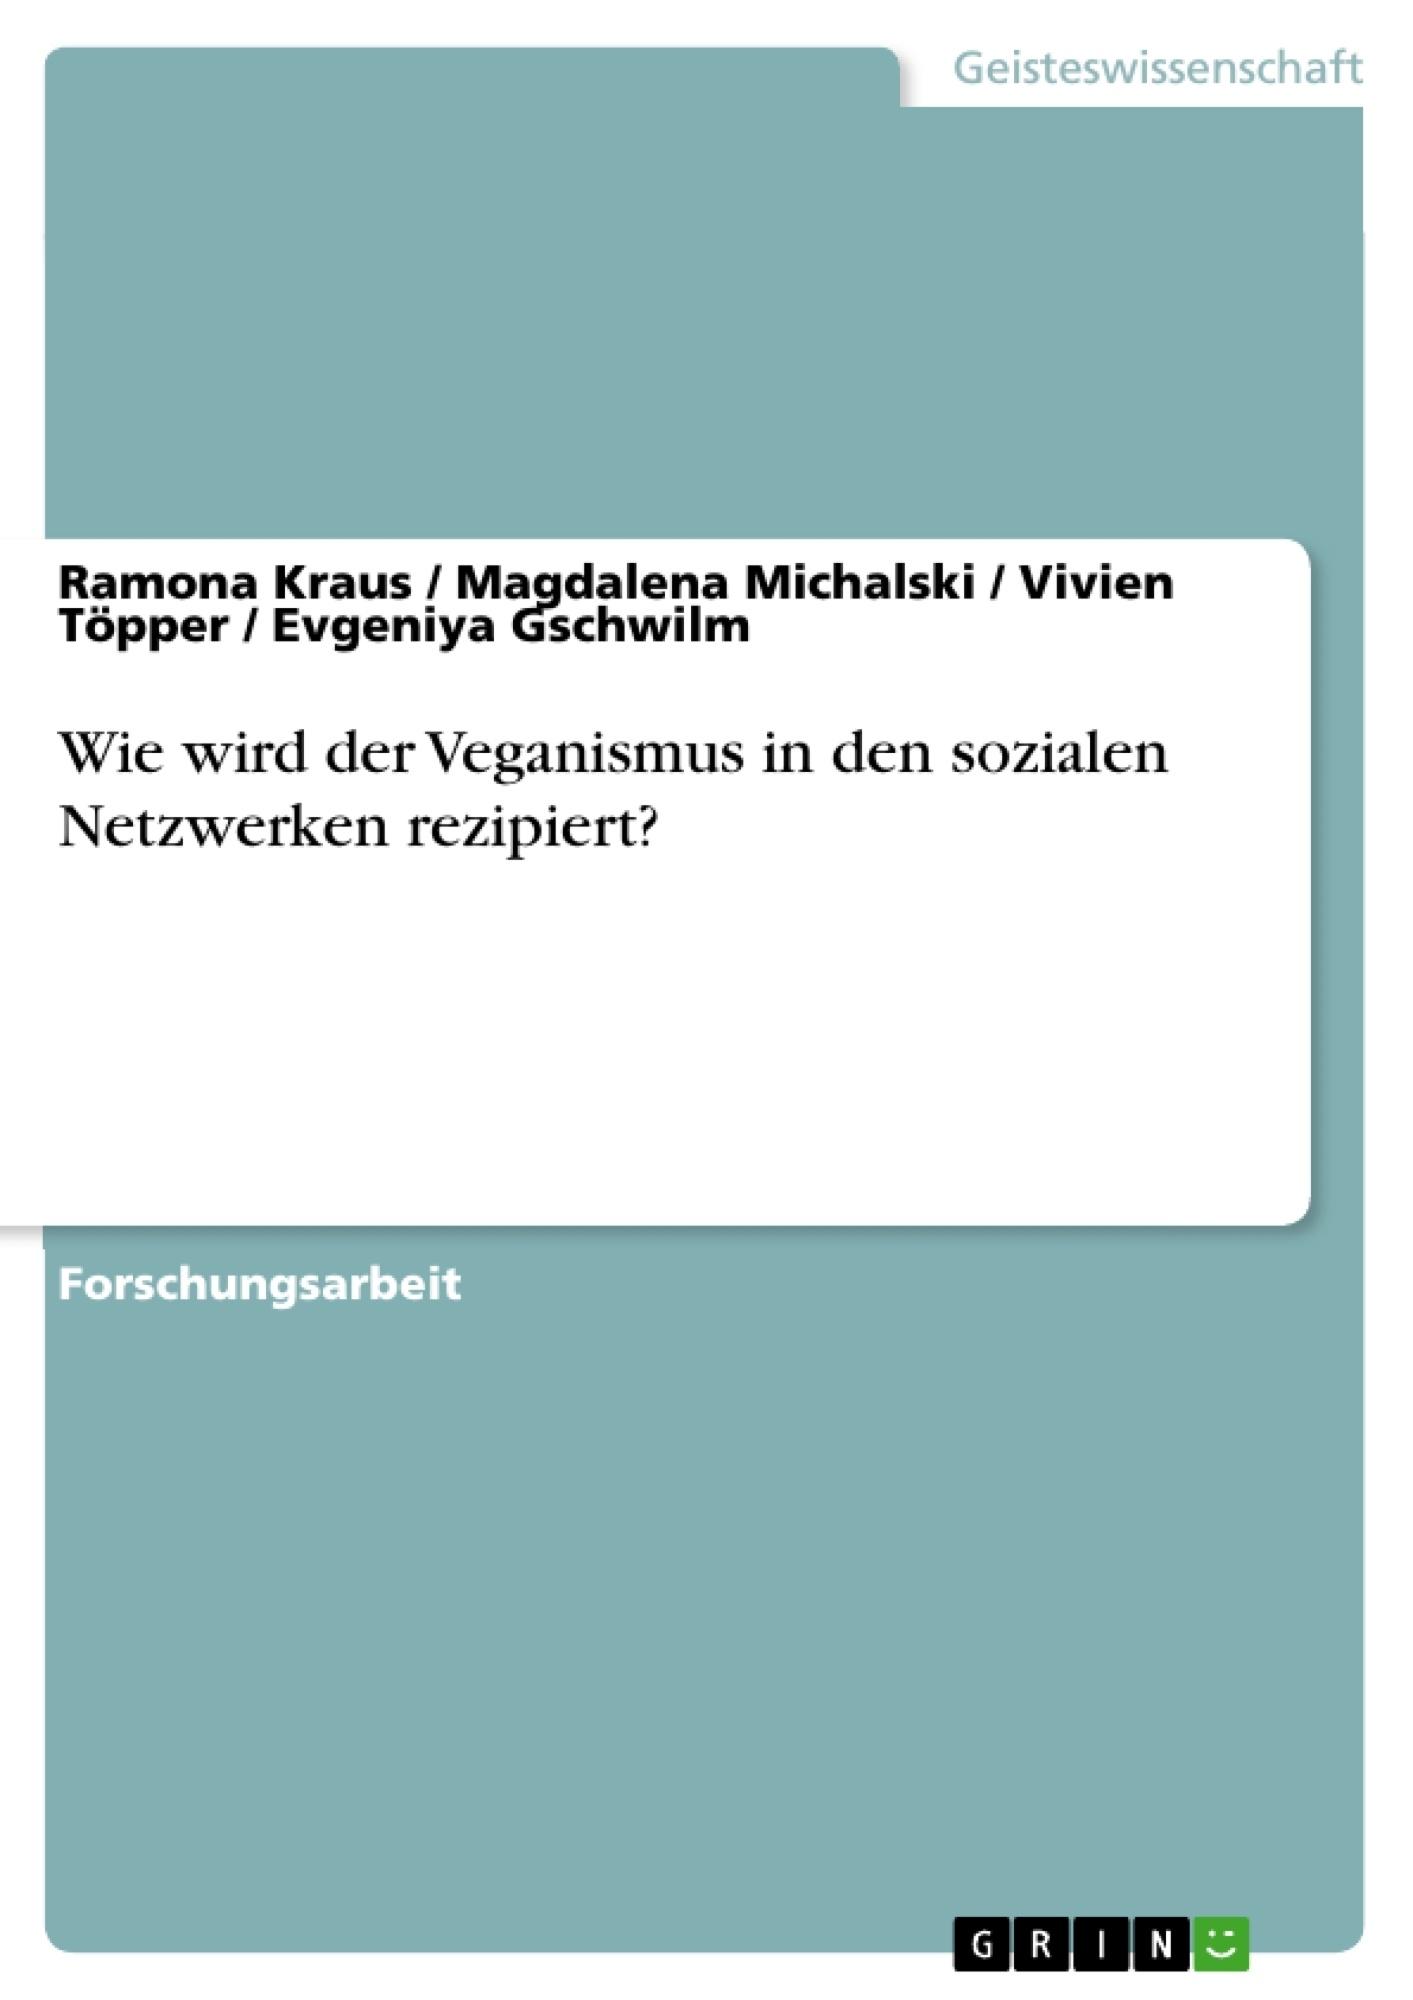 Titel: Wie wird der Veganismus in den sozialen Netzwerken rezipiert?